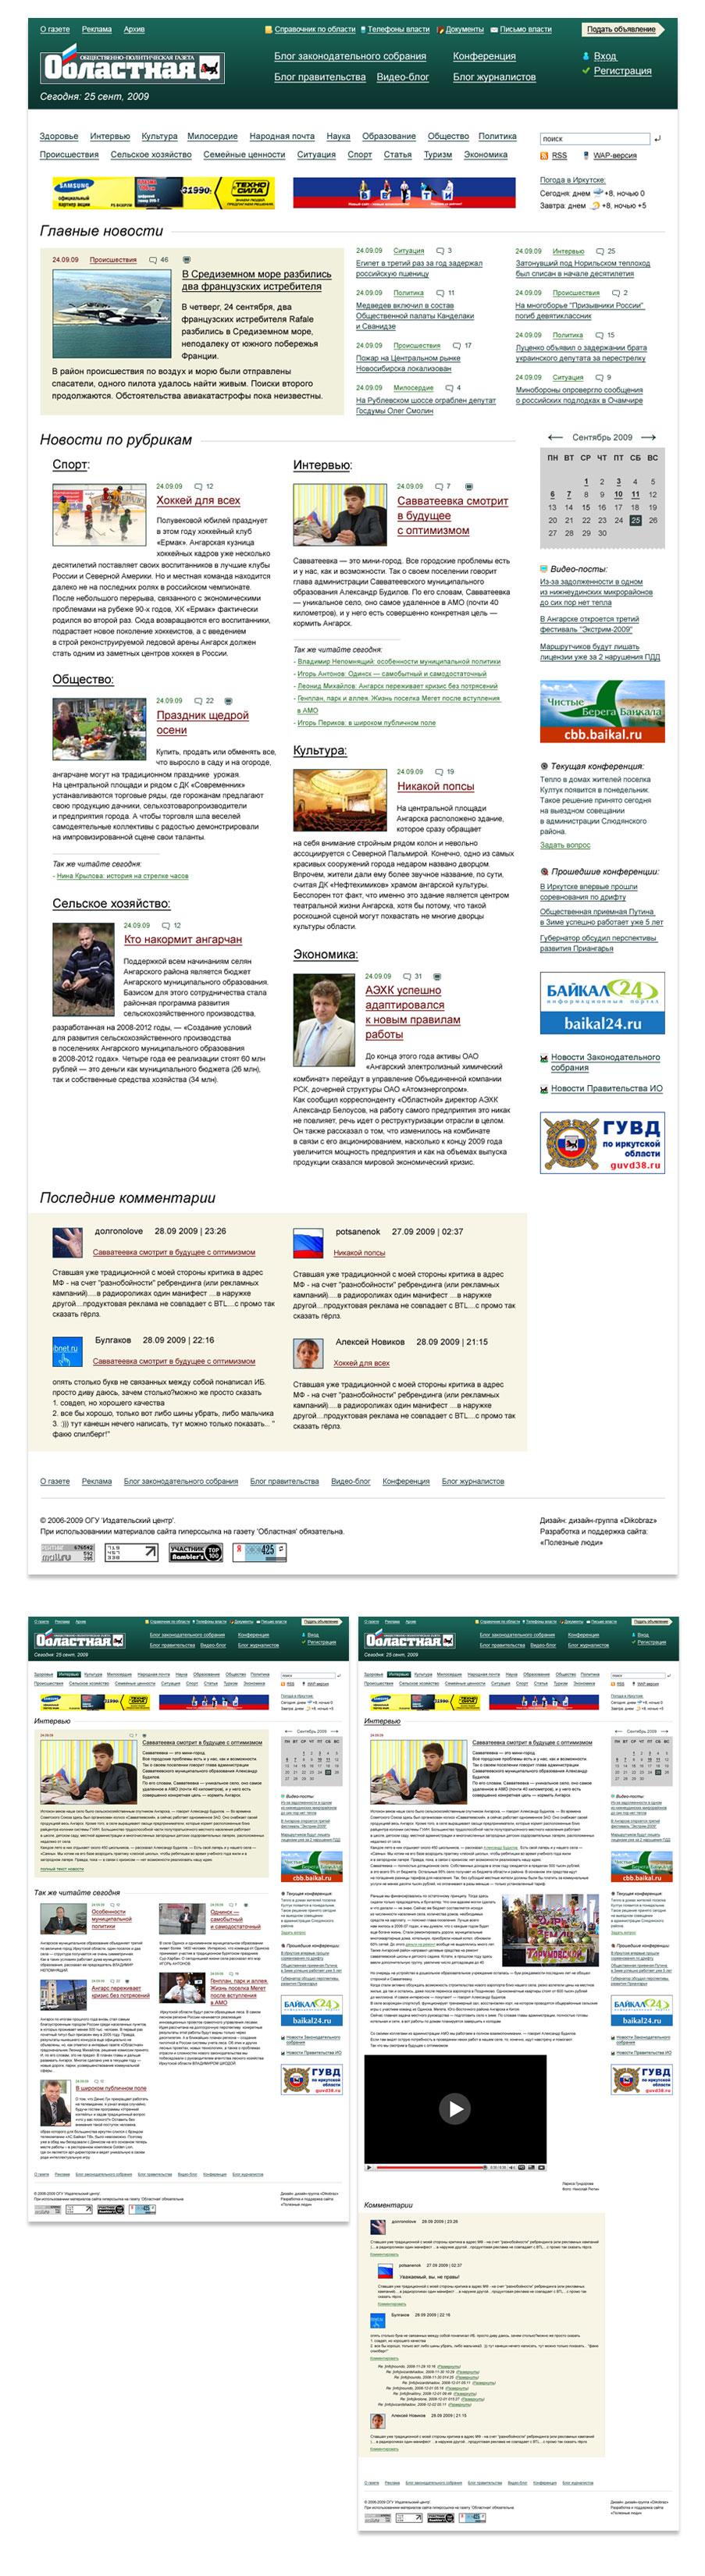 Онлайн-версия Газты «Областная», Иркутск